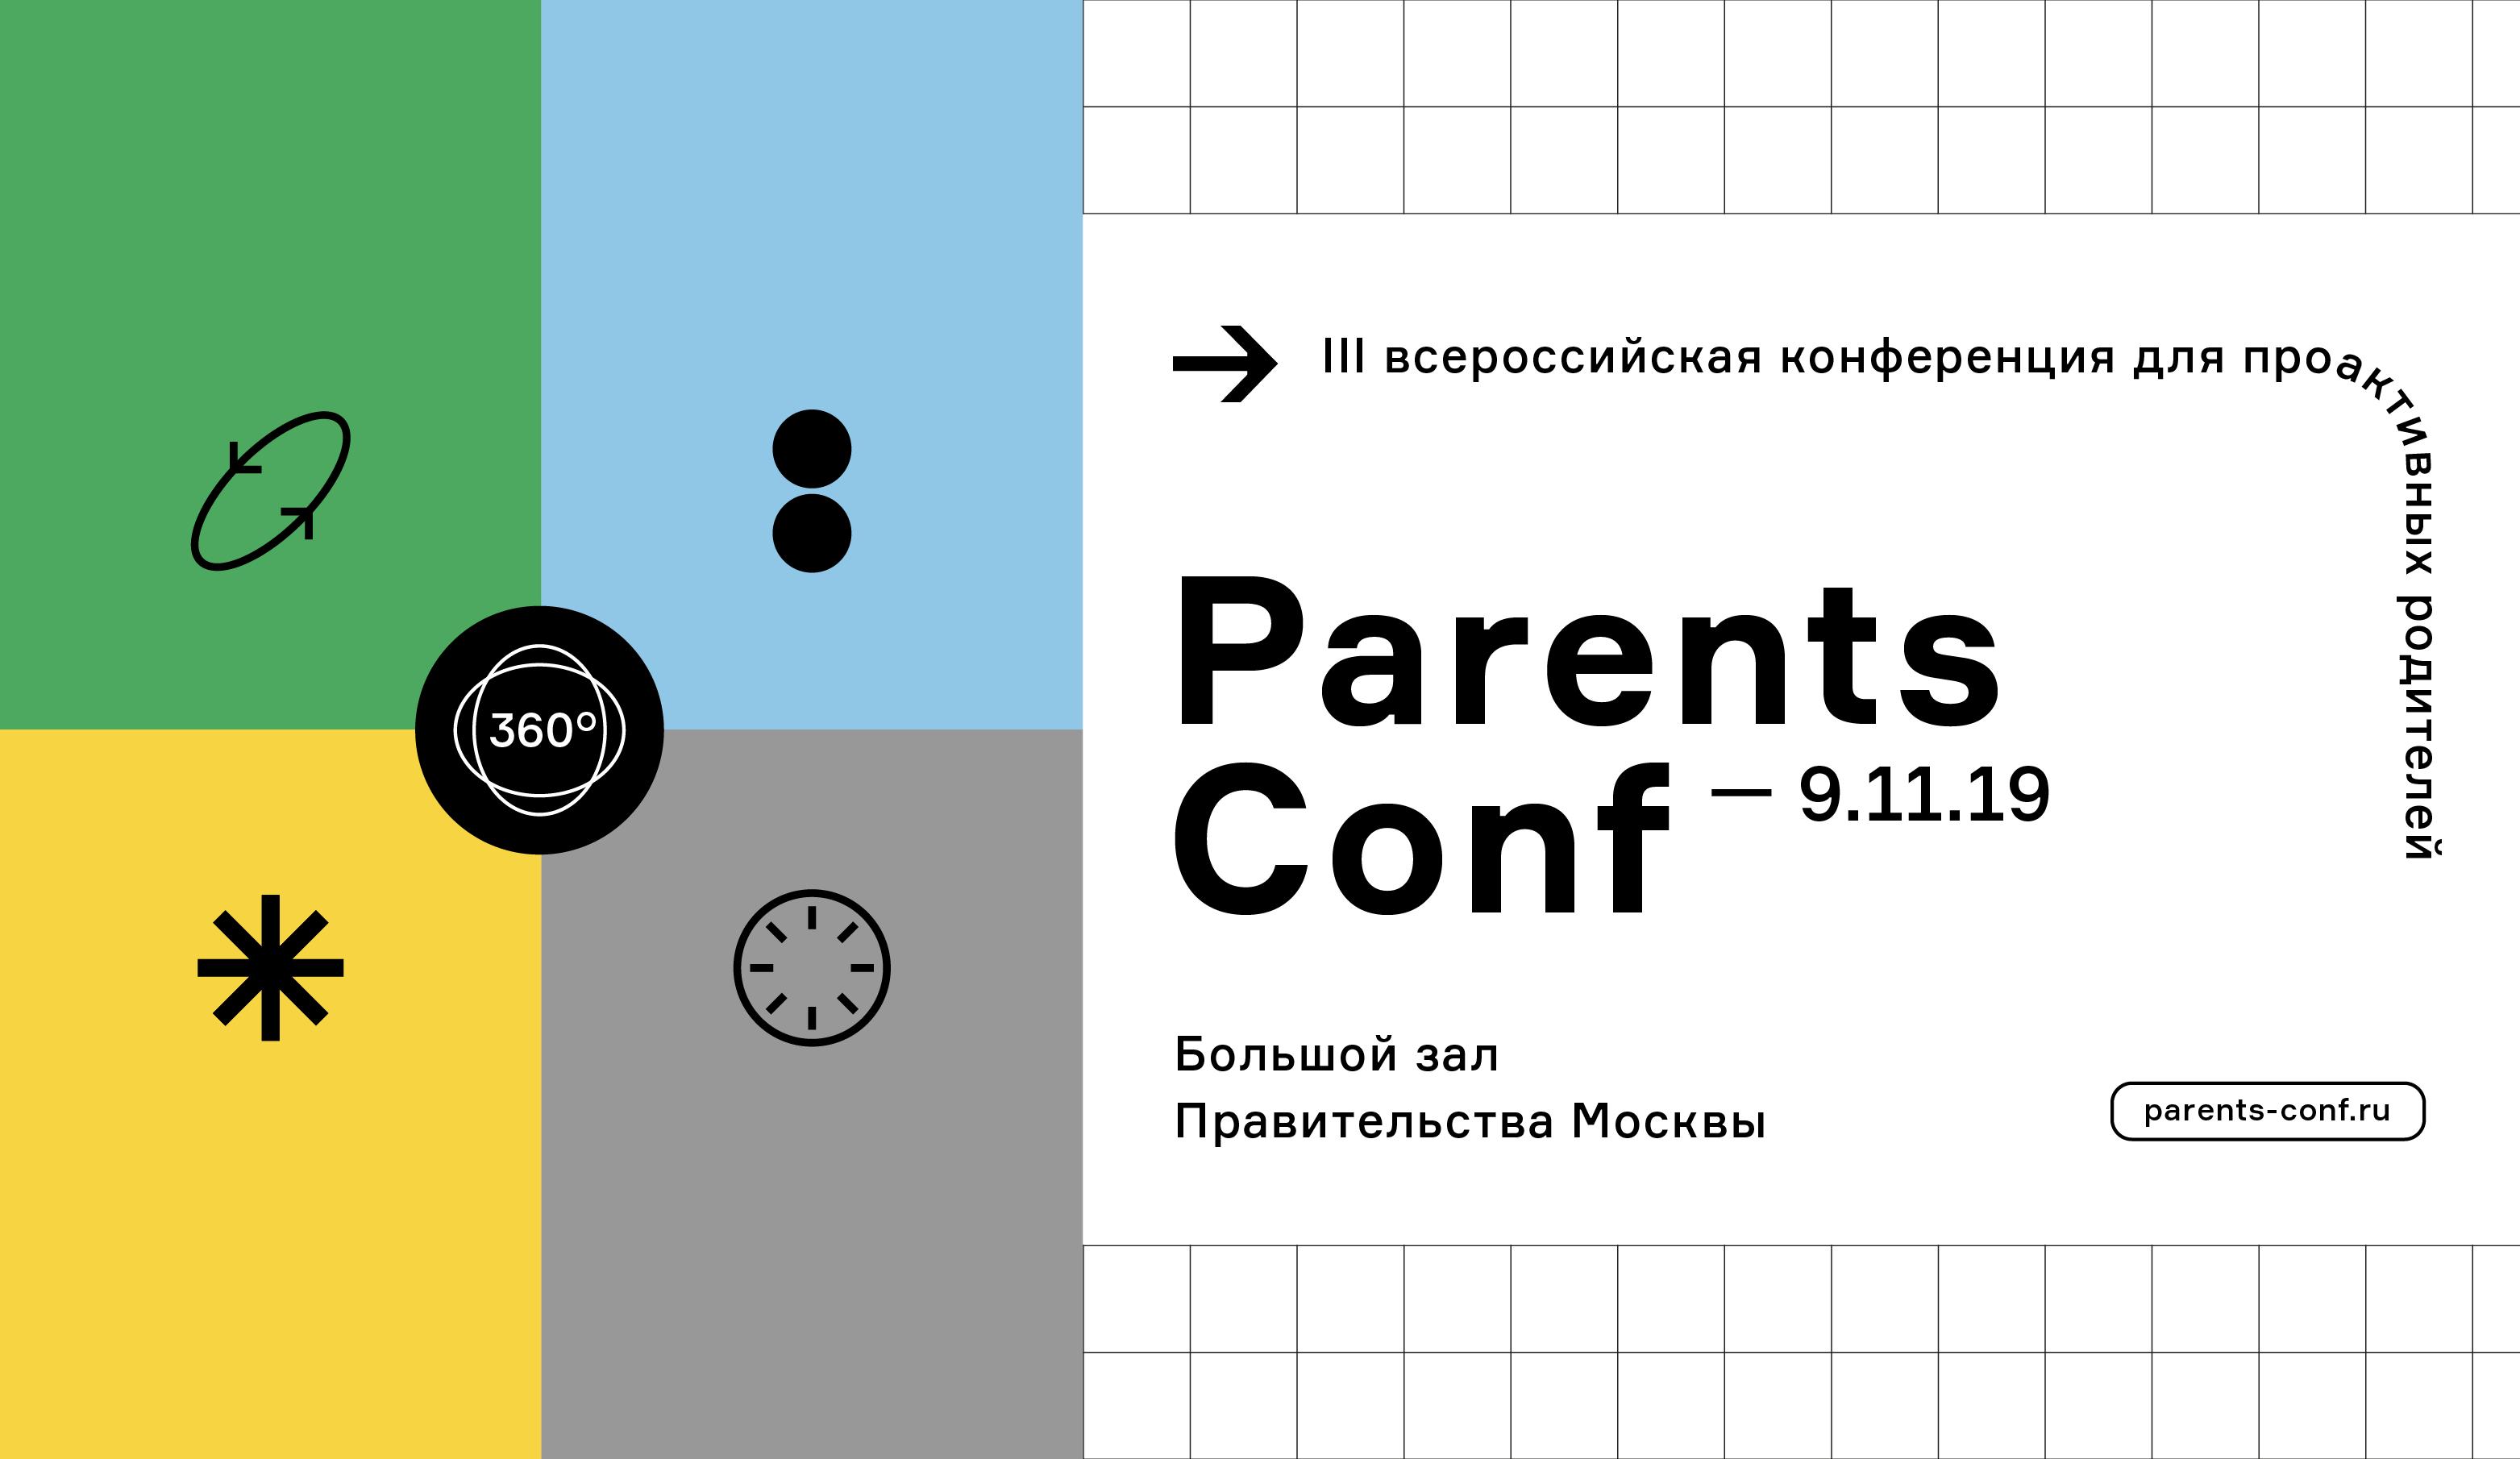 (c) Parentsconf.ru